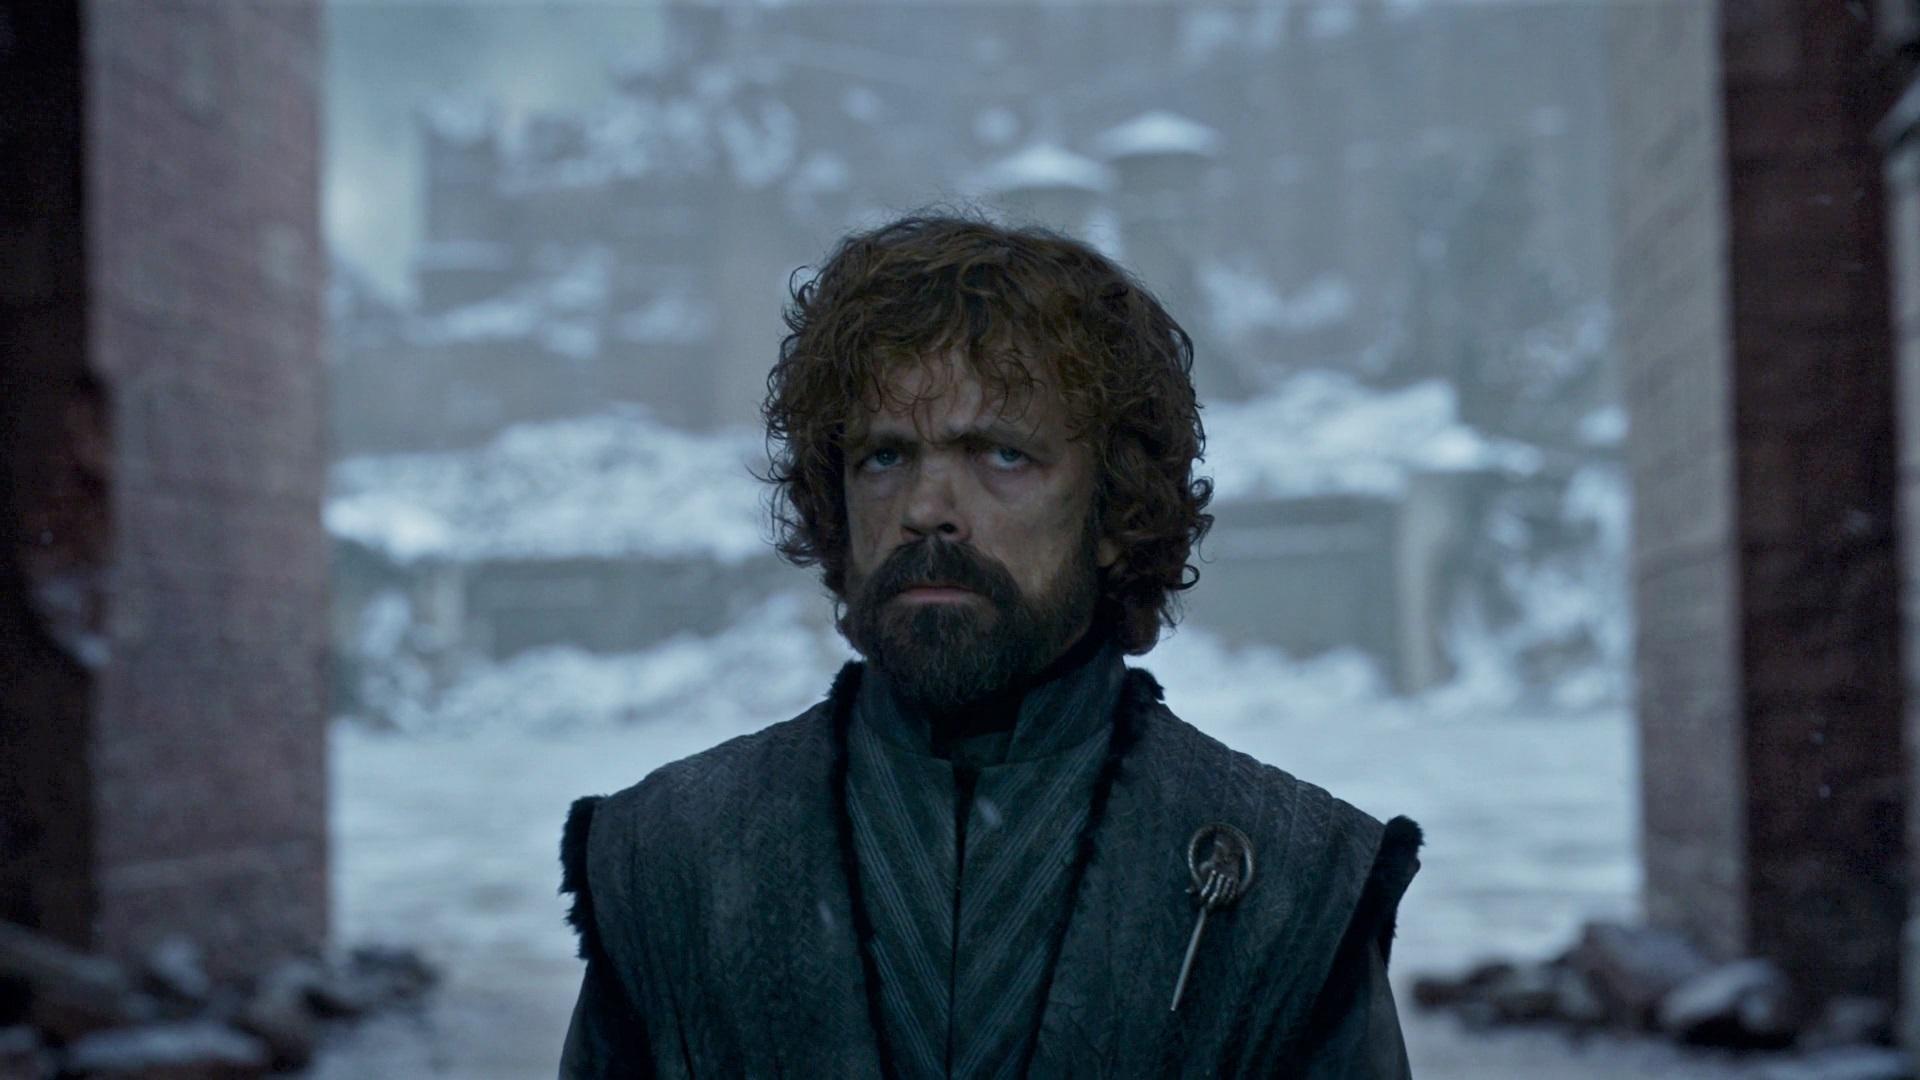 Tyrion Lannister King's Landing Season 8 806 2